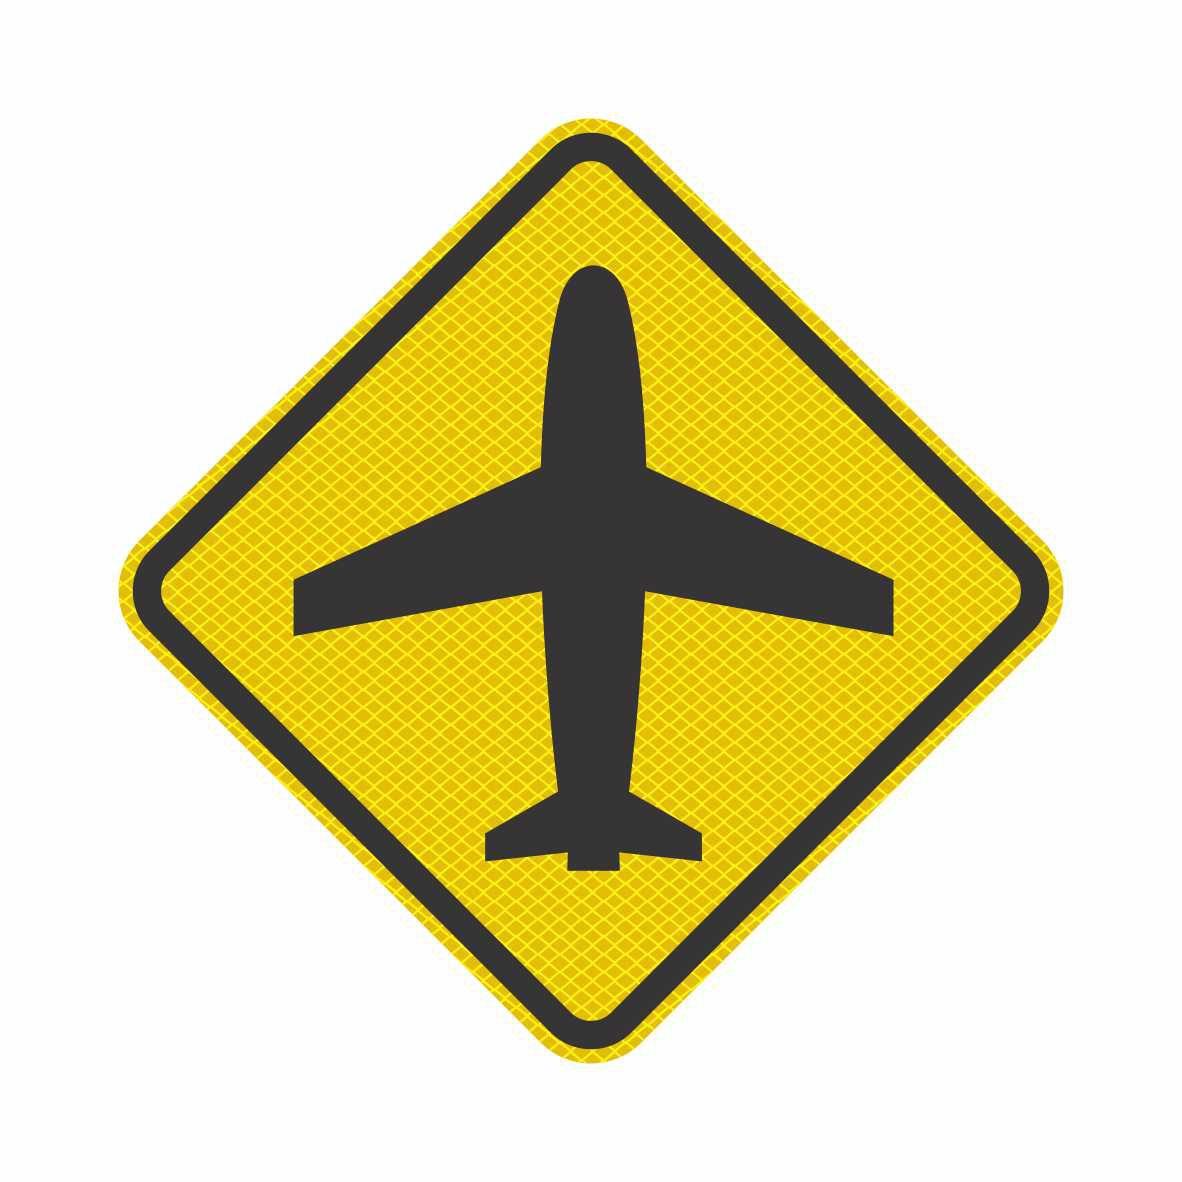 A-43 - AEROPORTO  - Towbar Sinalização de Segurança